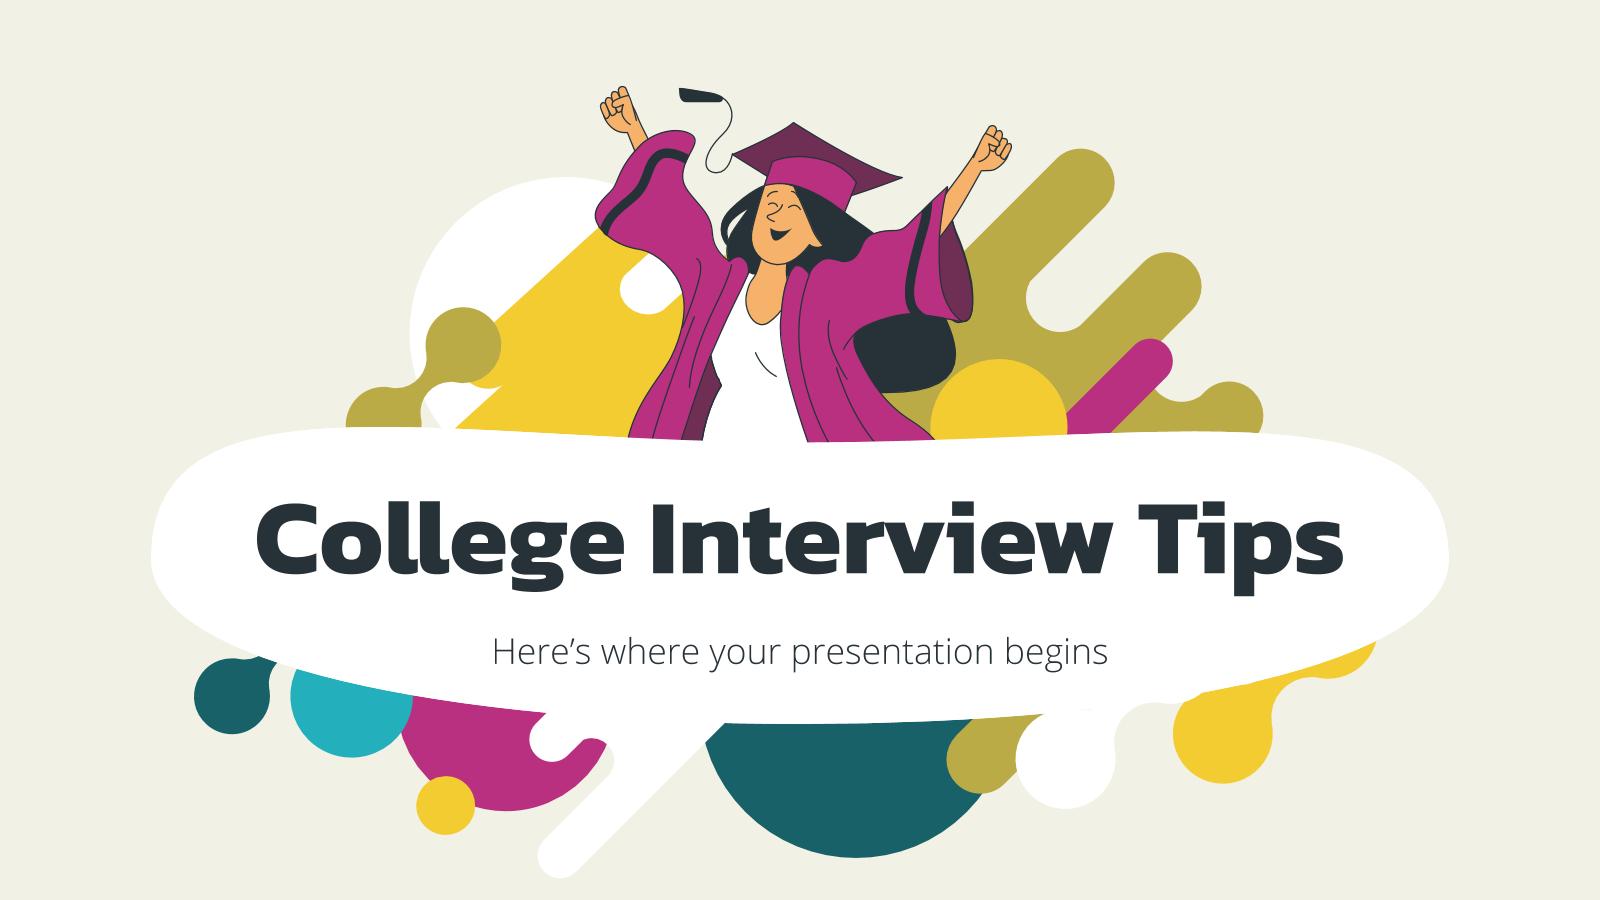 Plantilla de presentación Consejos para entrevistas de ingreso a la universidad